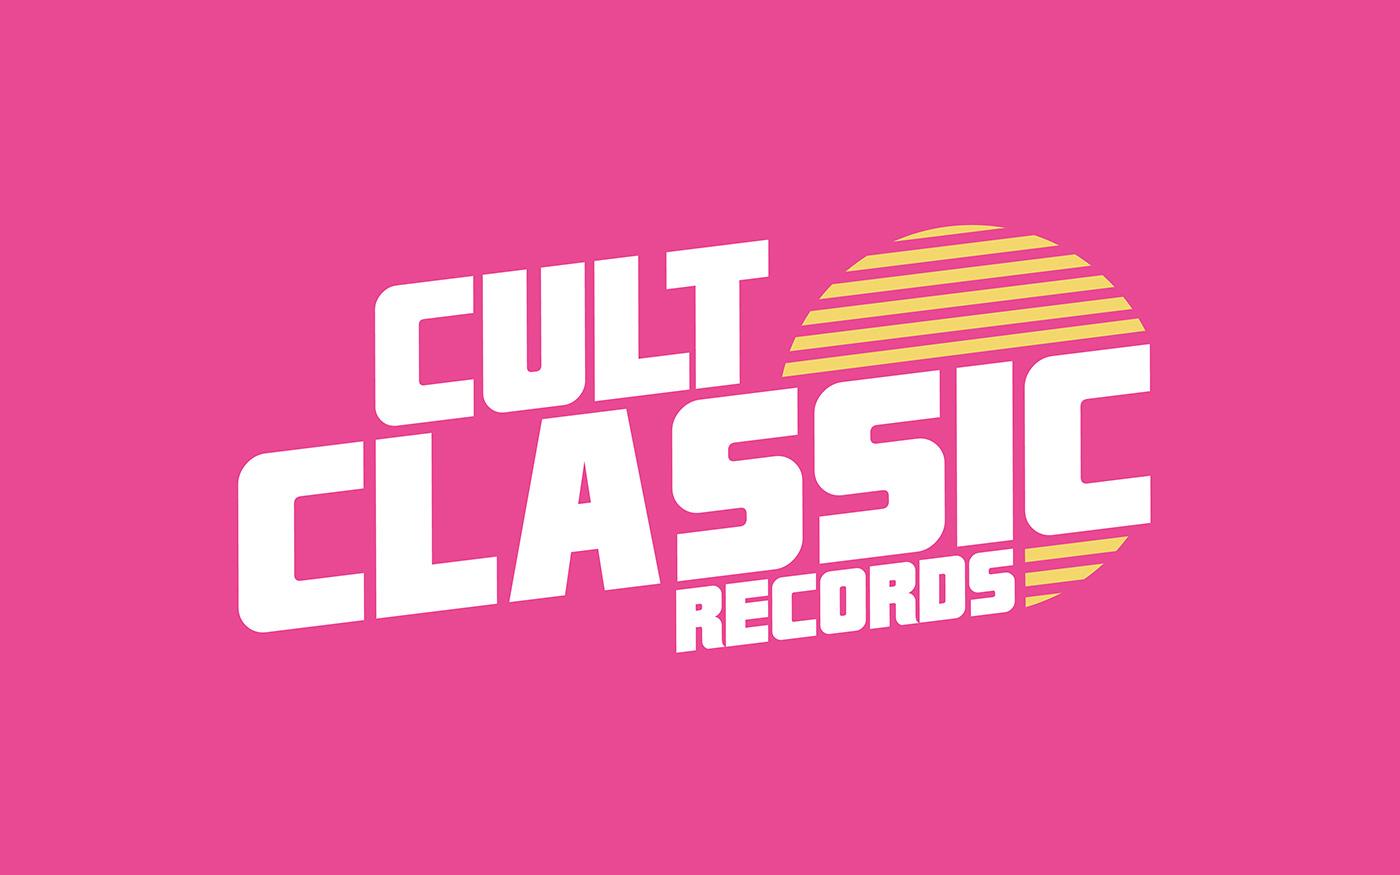 Cult Classic Records Logo